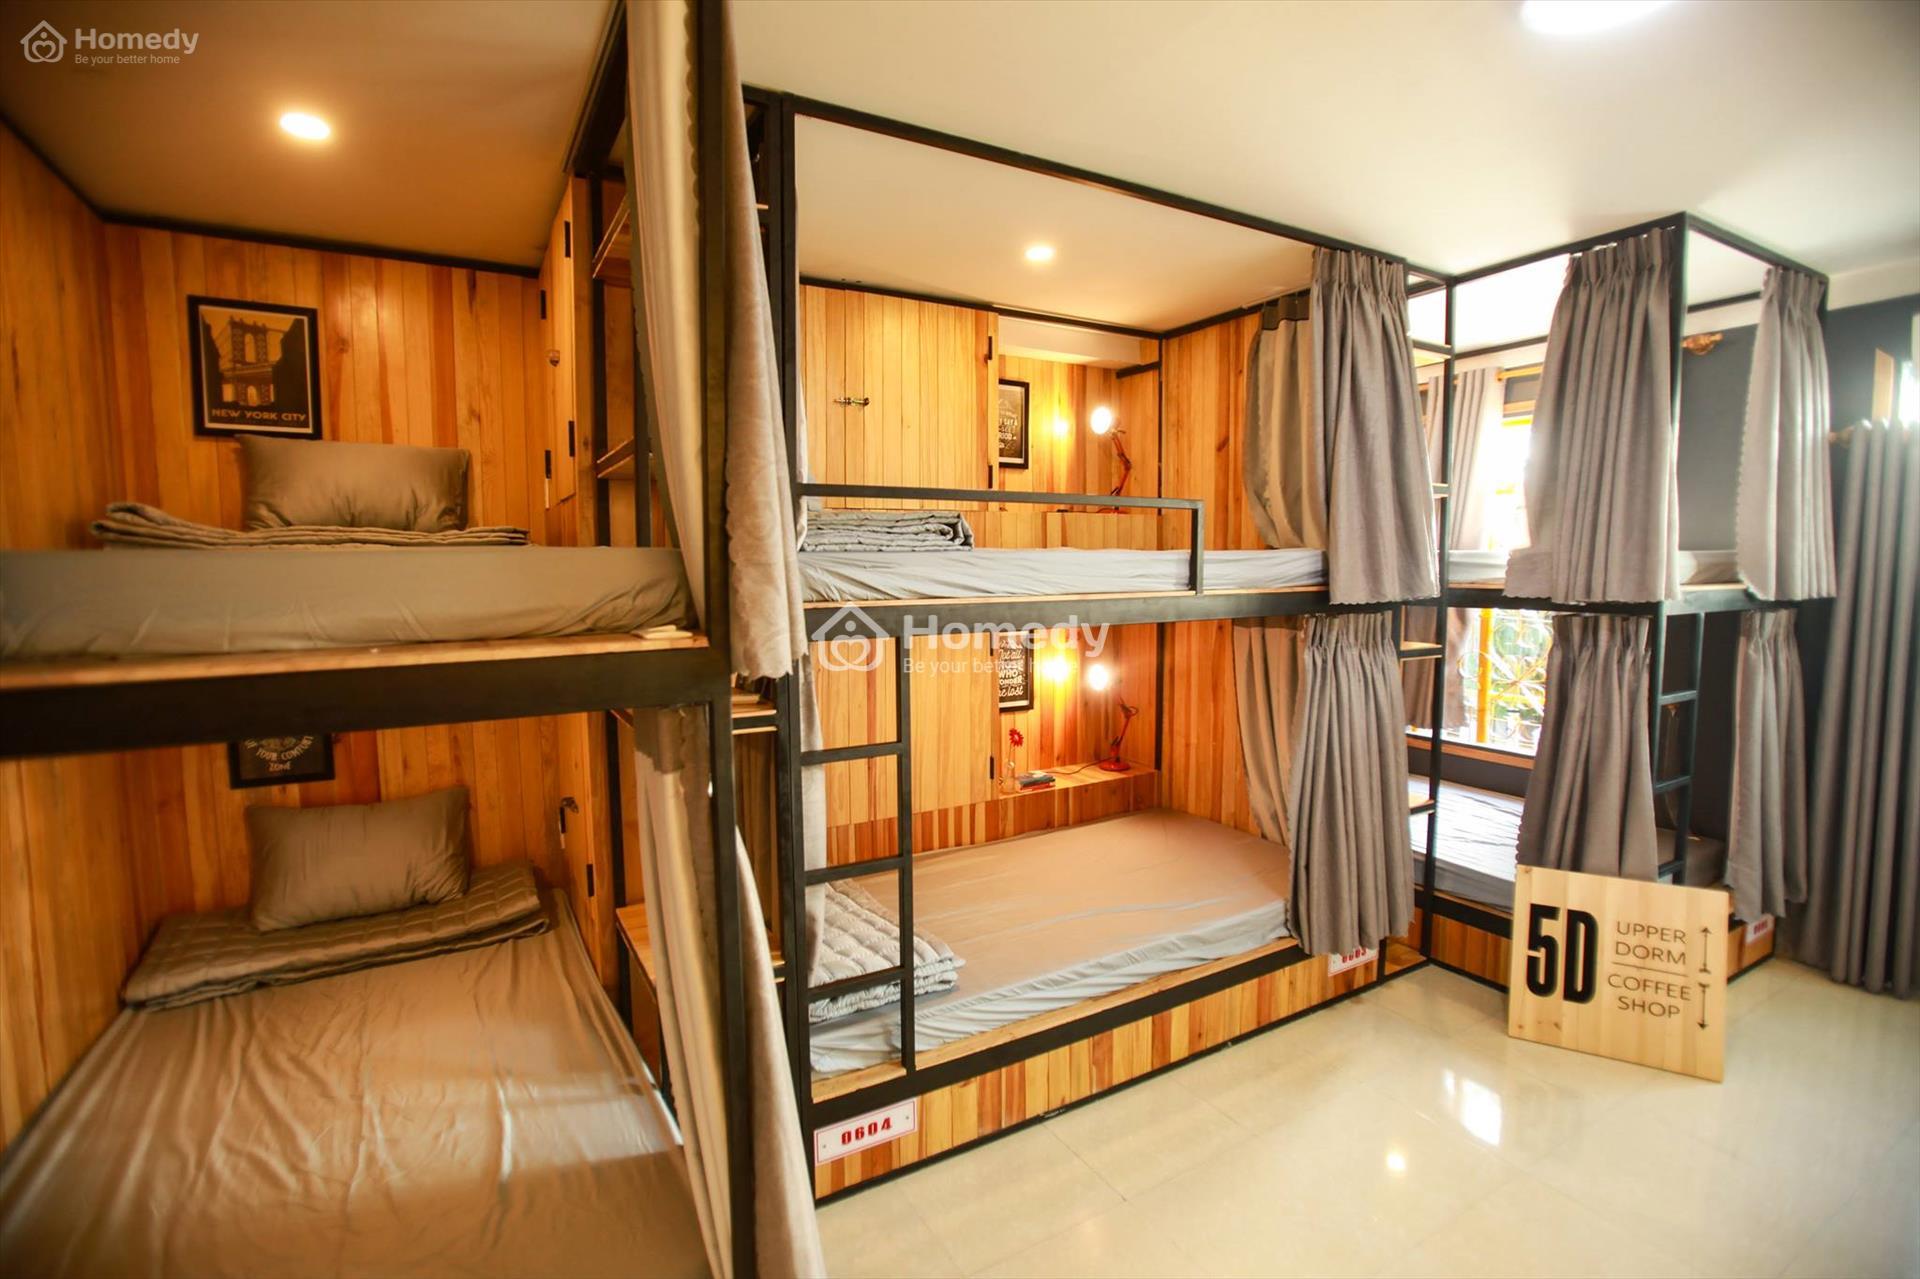 Phòng dorm là gì? Phòng felmale dorm